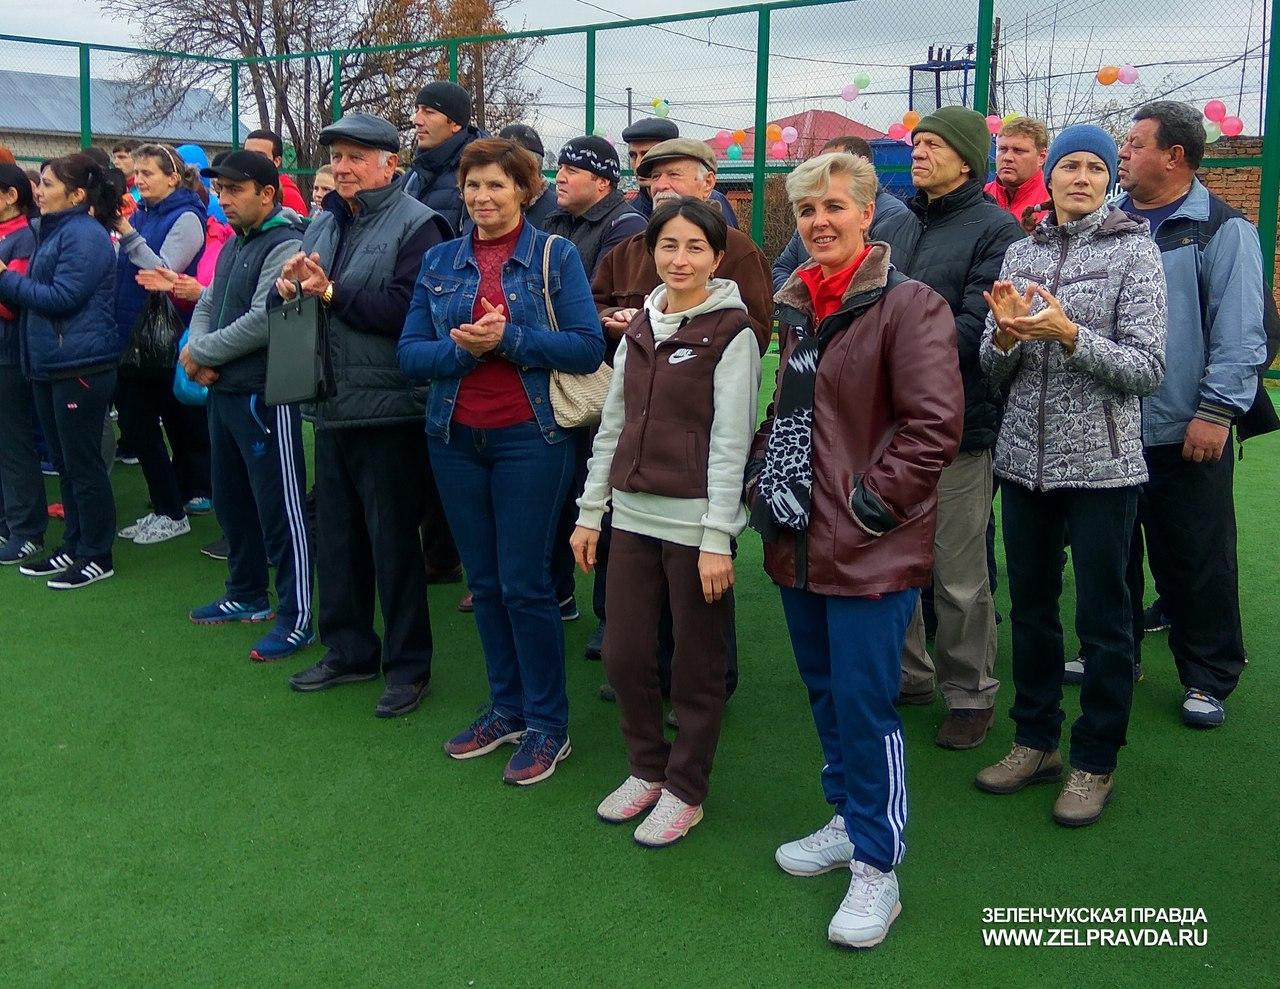 Учителя из Зеленчукского района призеры спартакиады работников образовательных организаций республики